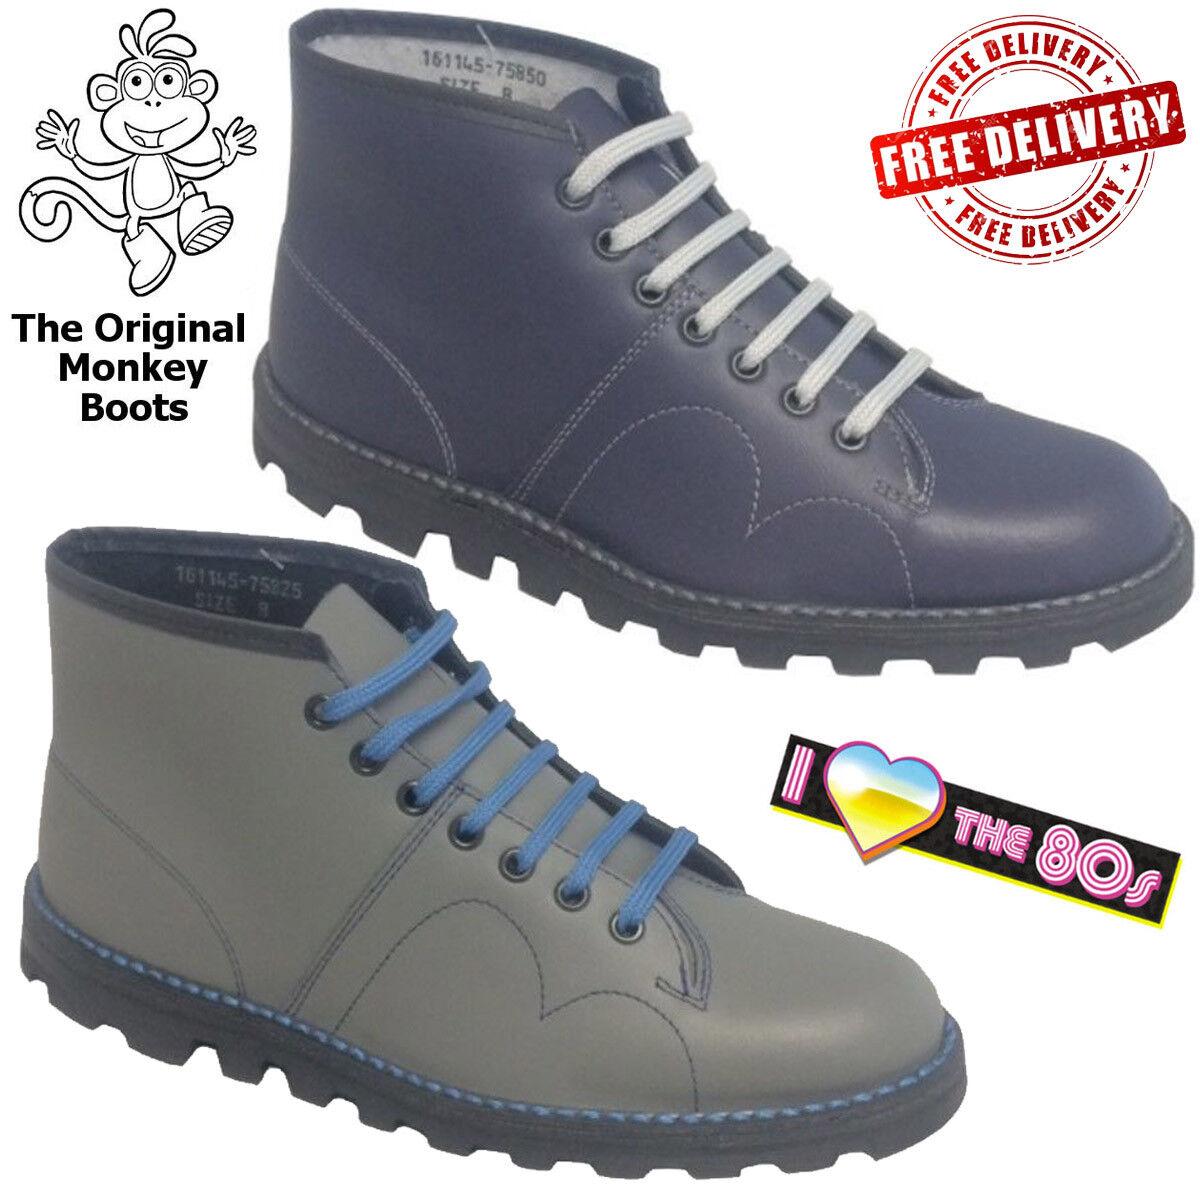 Original Monkey Boots Grafters Men's Women's Retro Leather shoes Unisex